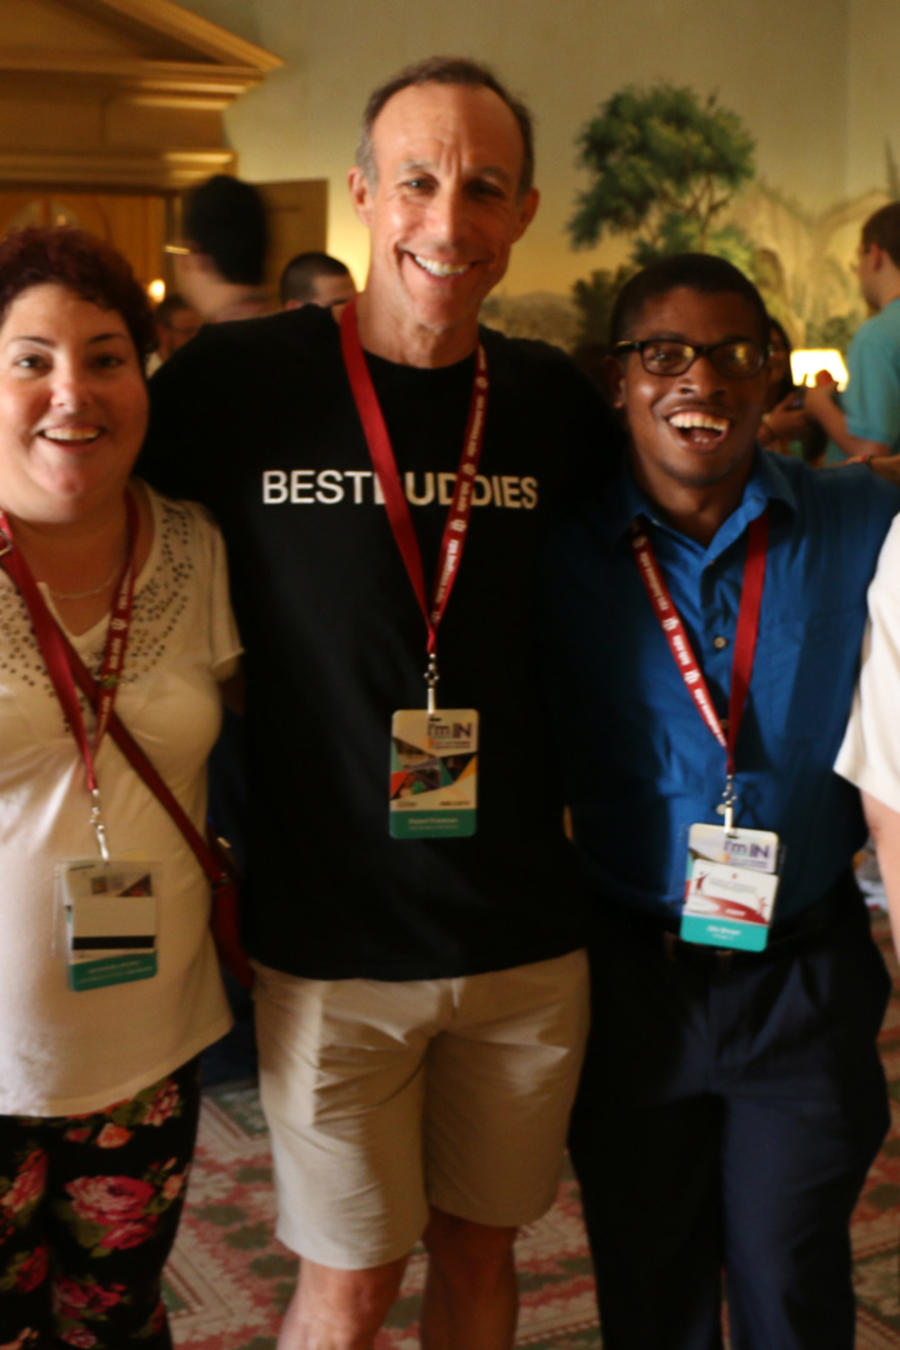 Bárbara Torres, beneficiaria de Best Buddies Jobs, con compañeros de trabajo